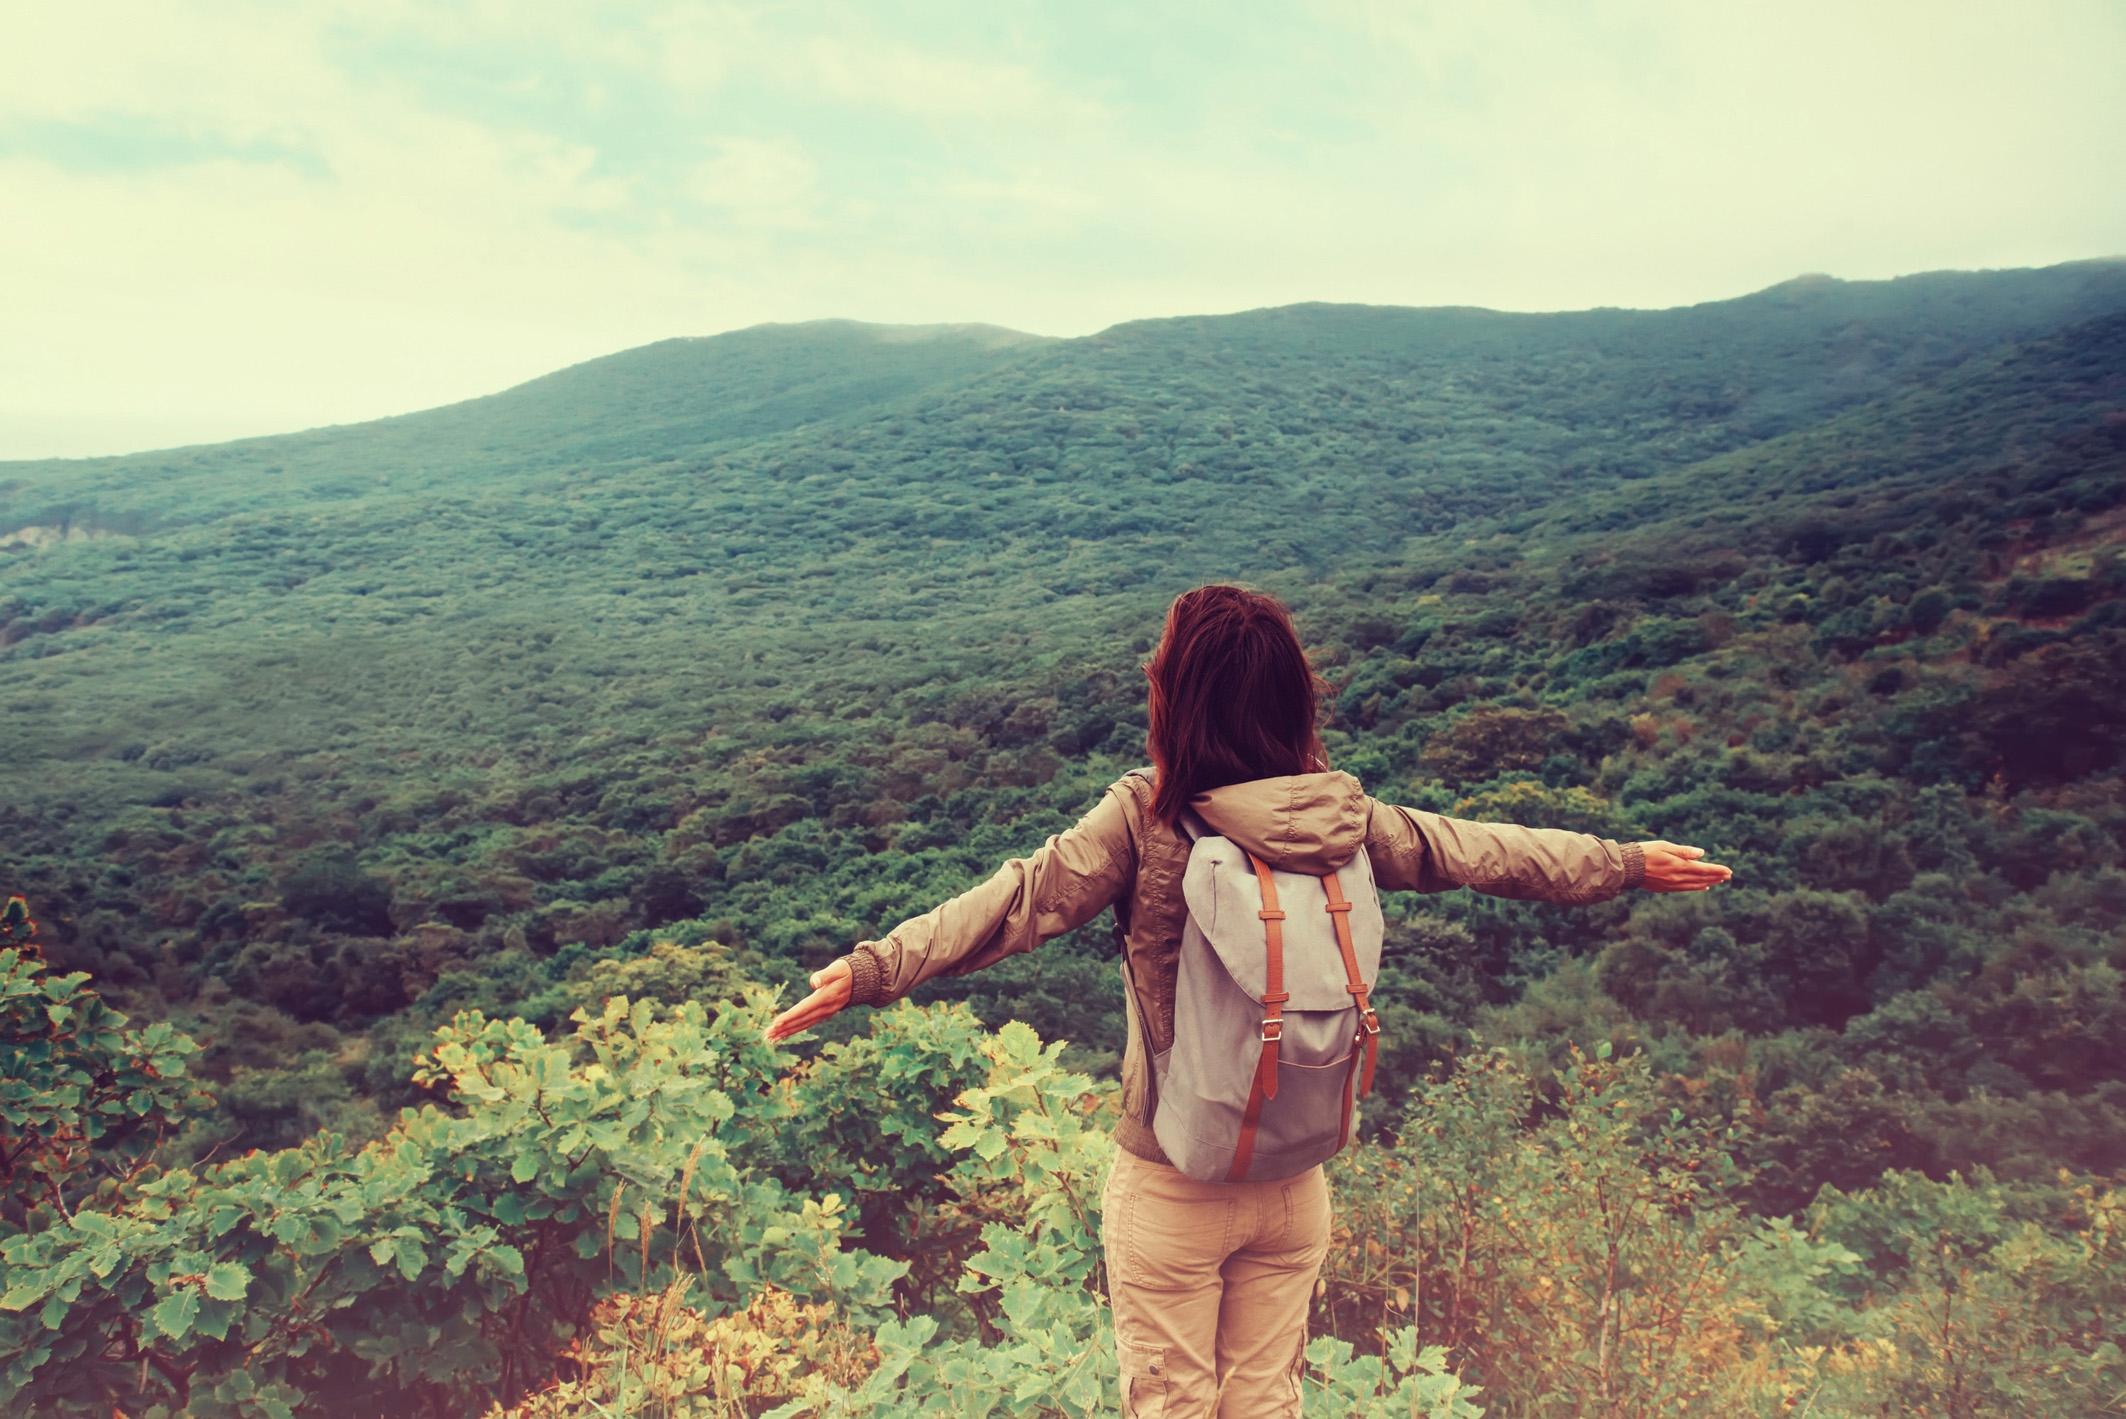 7 dingen die je moet weten voor je alleen op reis vertrekt